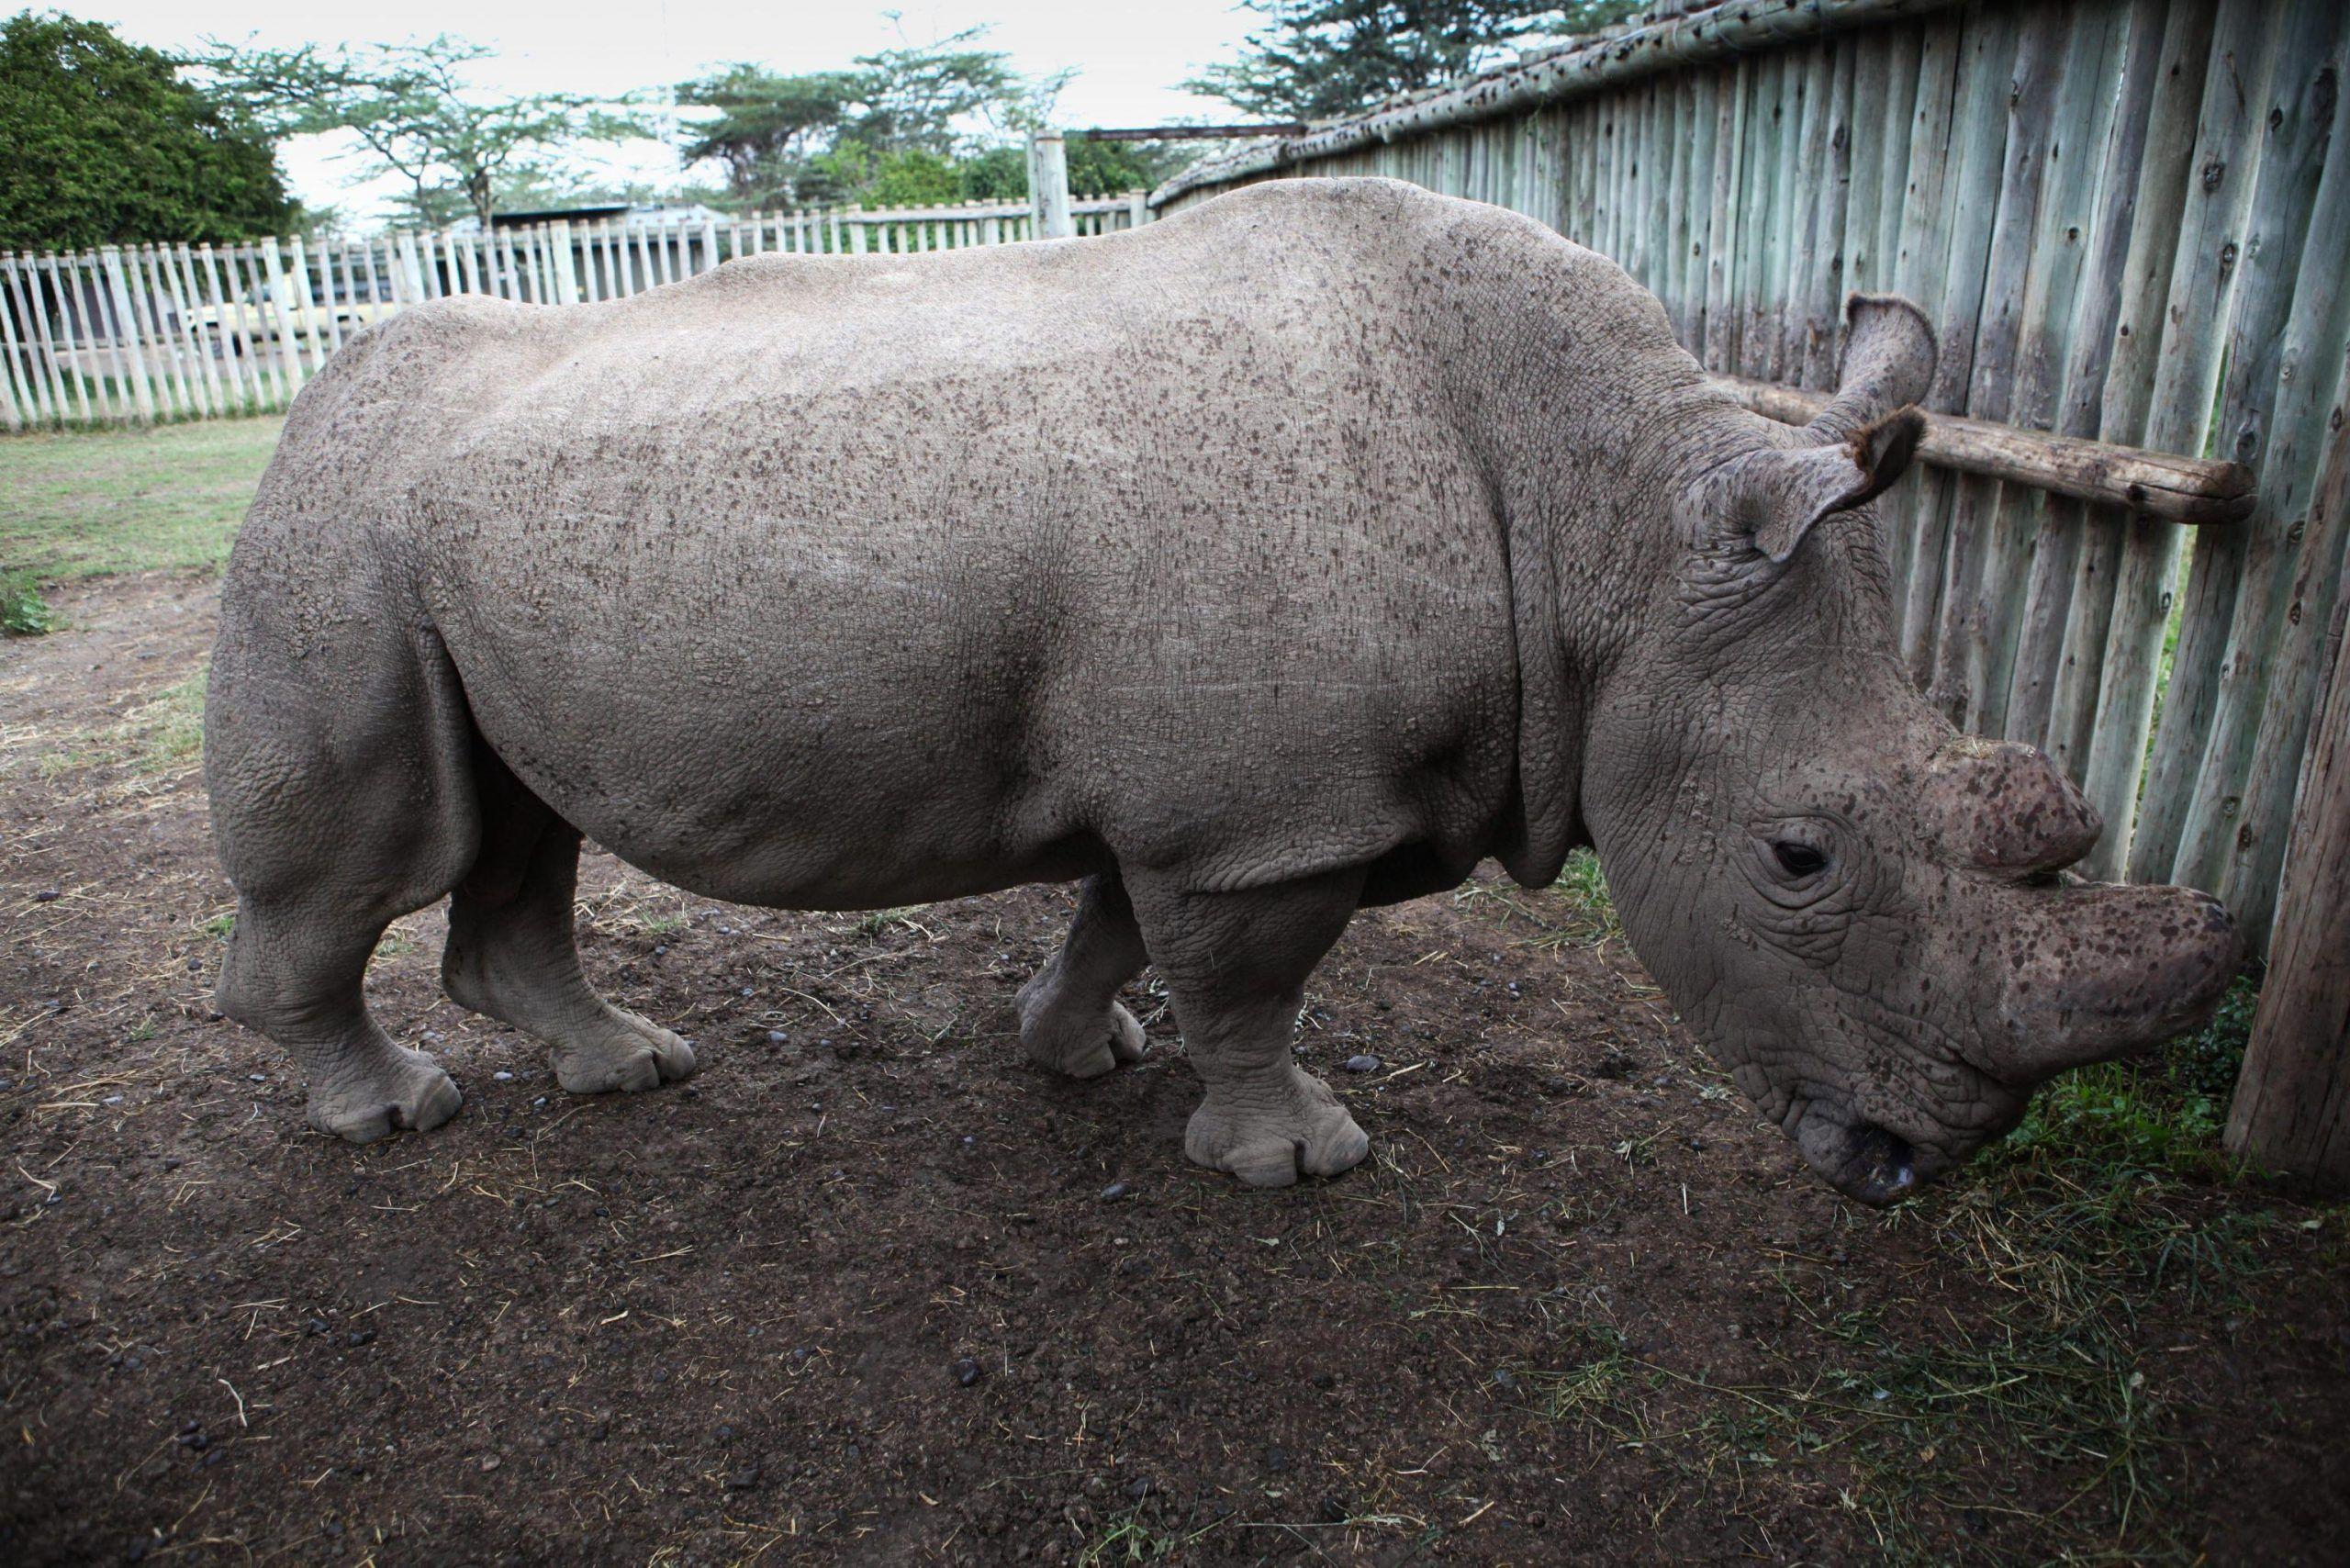 Rinoceronte bianco settentrionale: morto l'ultimo maschio, quale futuro per la specie?